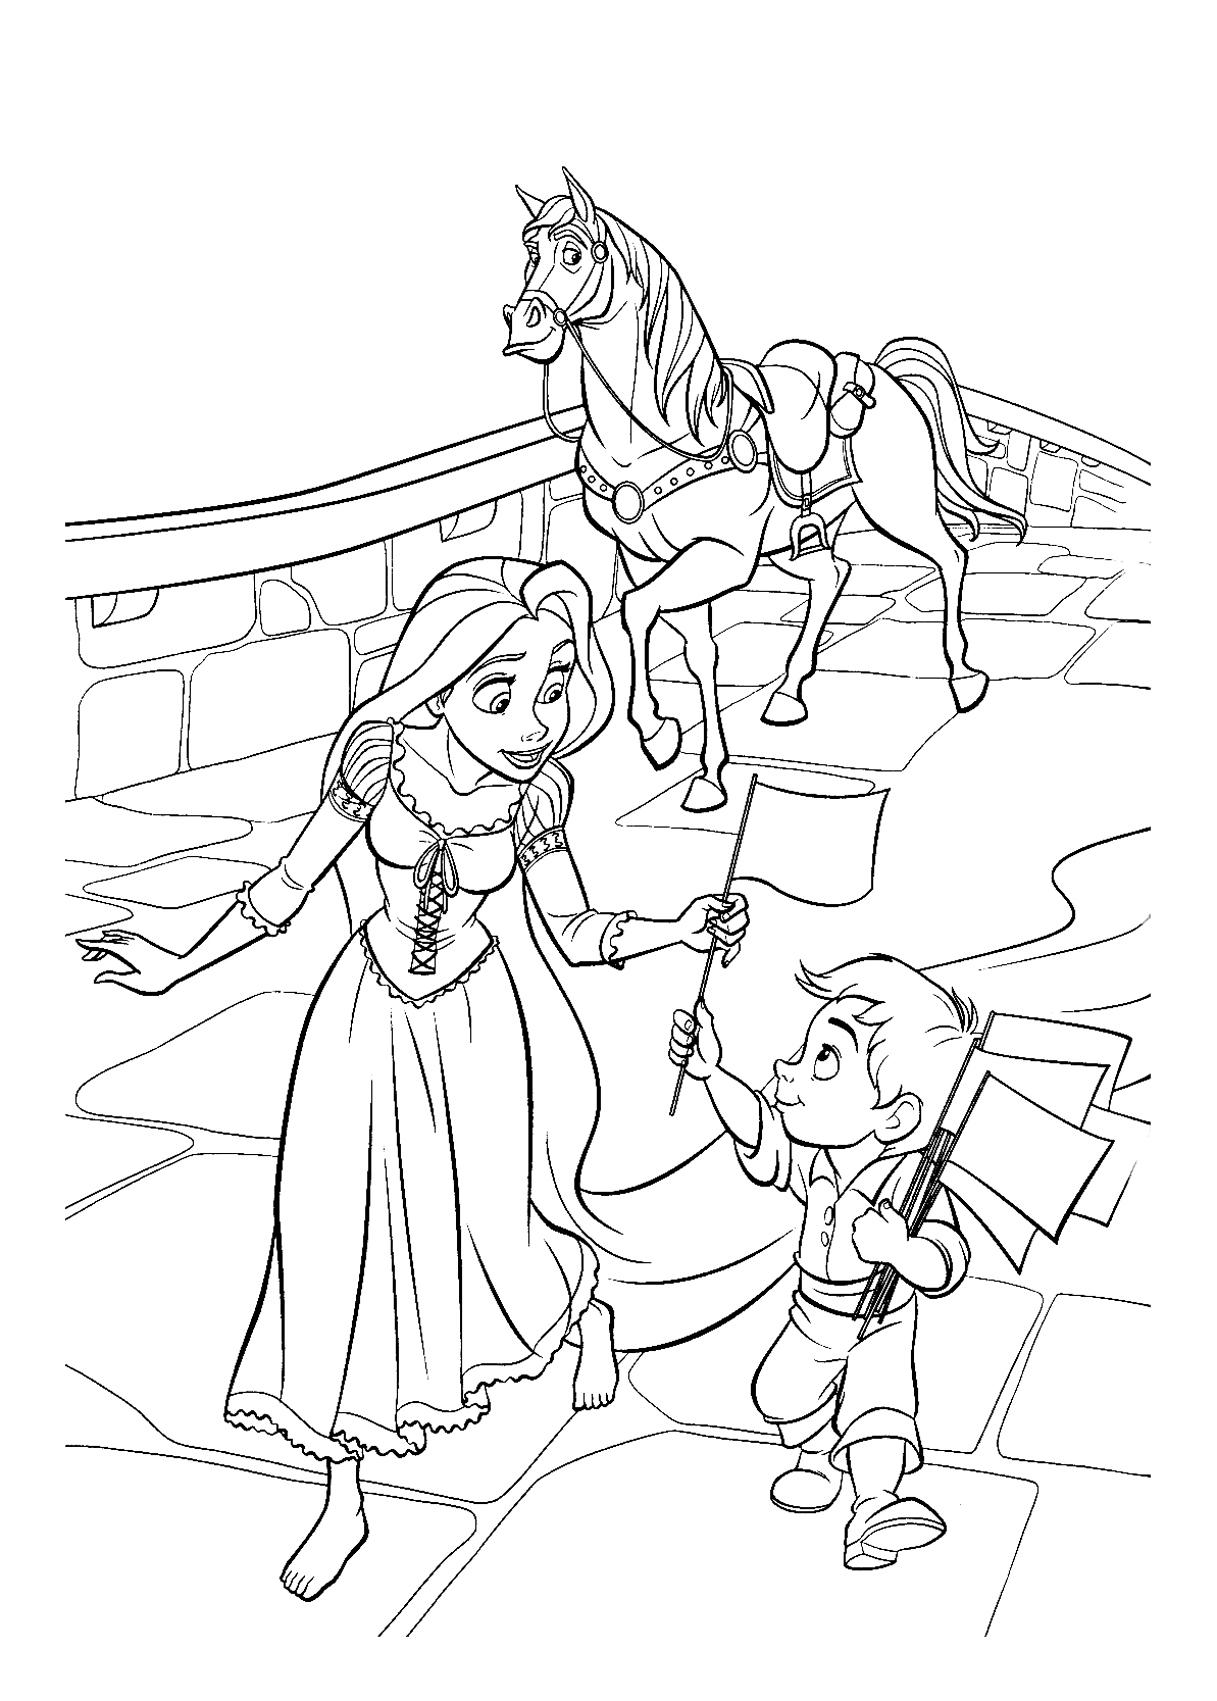 Dessin Princesse Raiponce Gratuit à Imprimer concernant Dessin De Raiponce A Colorier